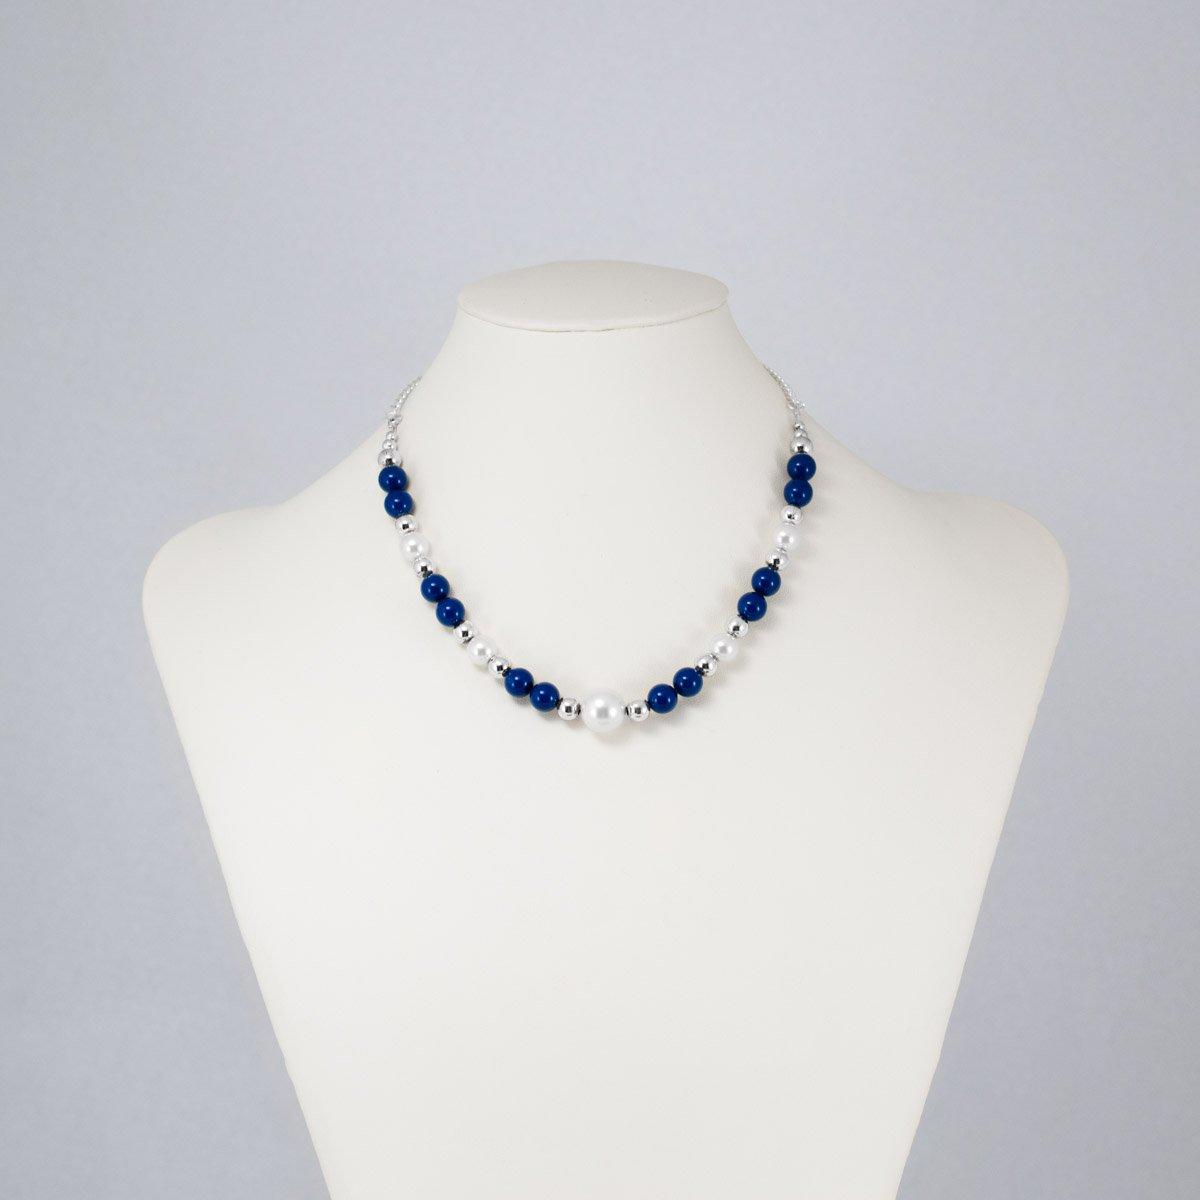 Collar de perlas Swarovski blancas y azules